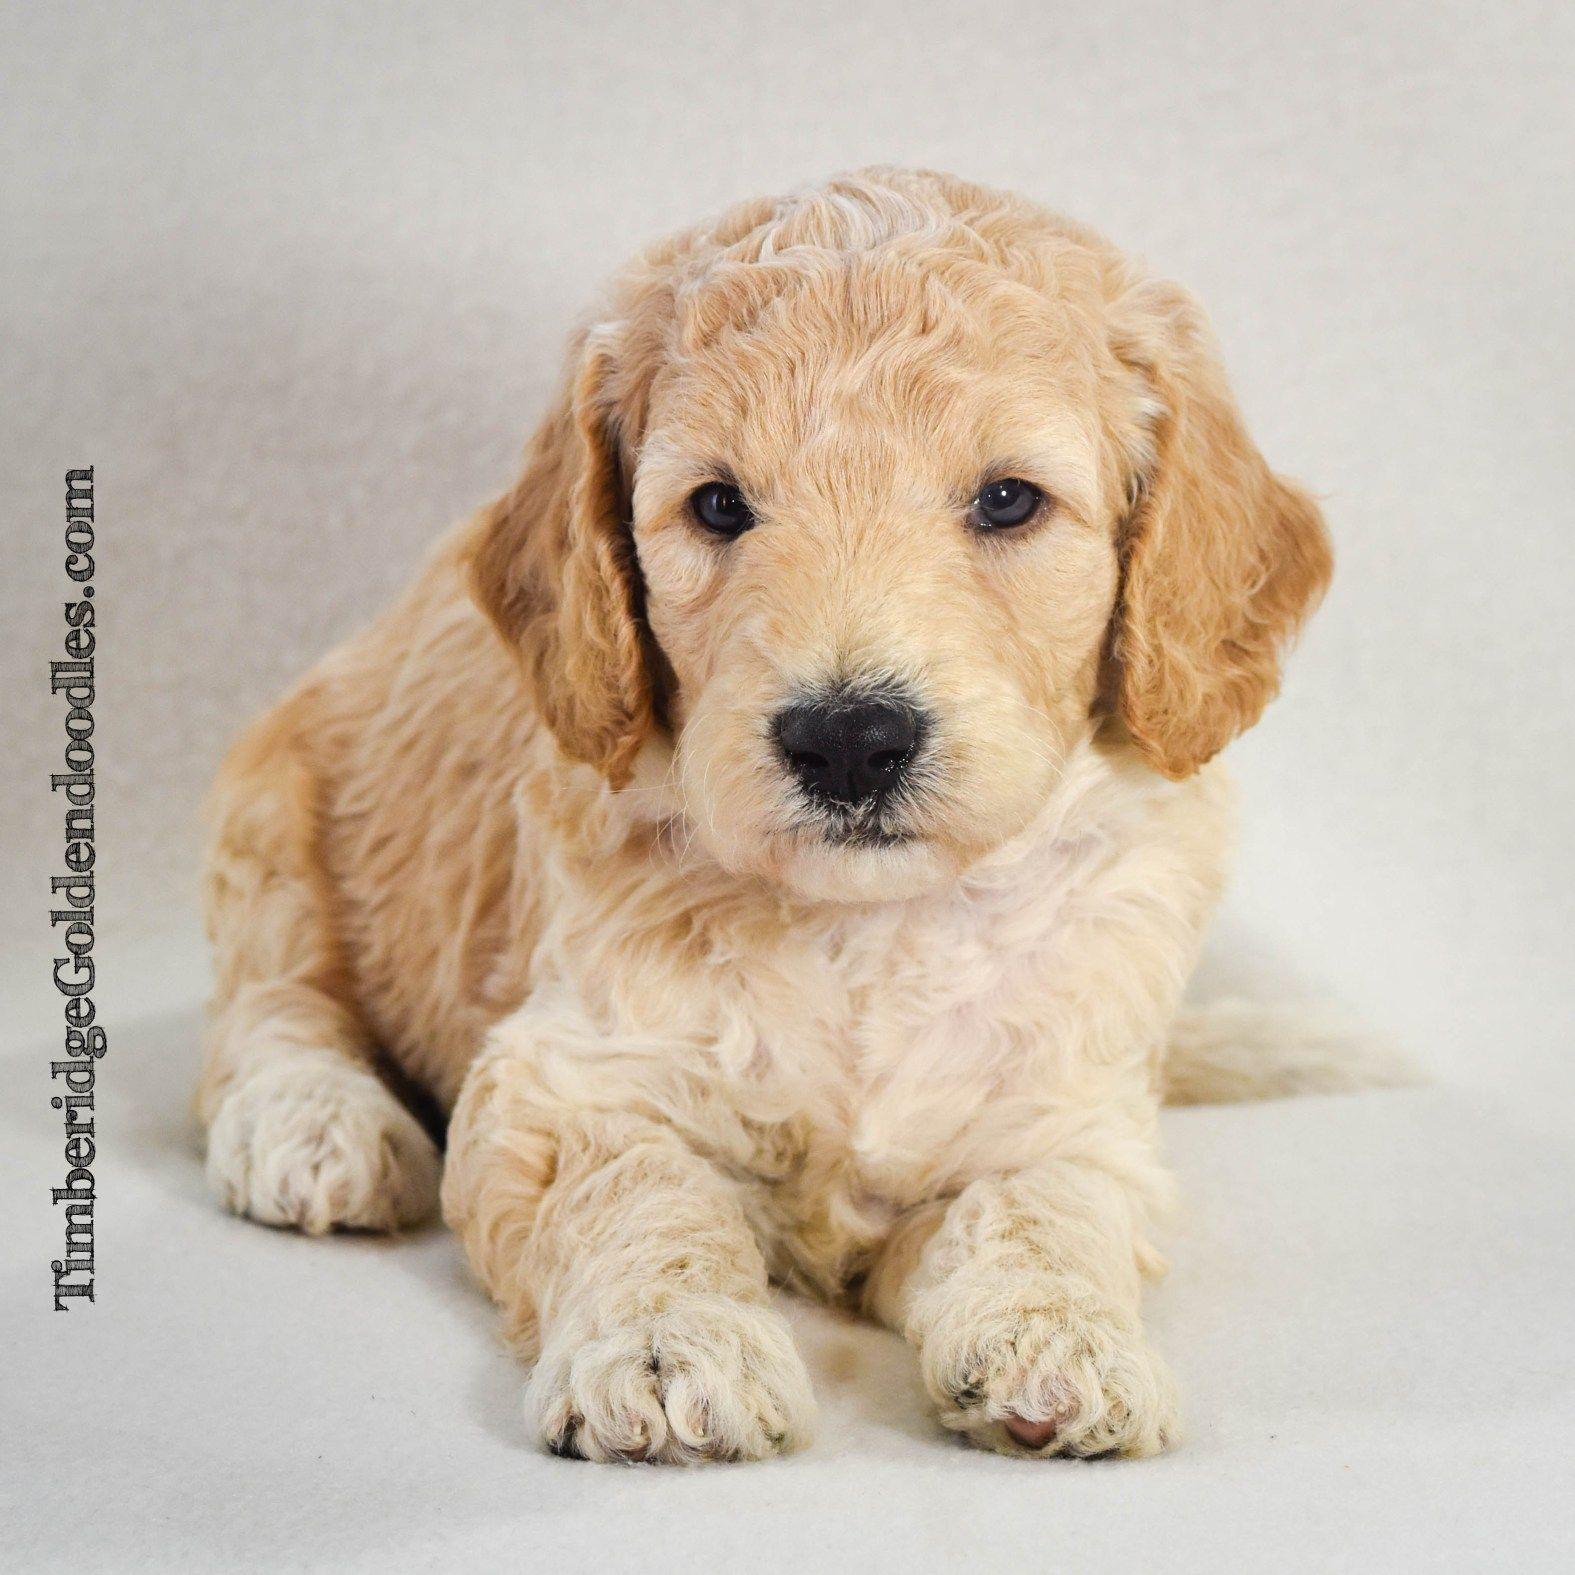 Junie S 2019 Medium English Goldendoodle Puppies Timberidge Goldendoodles English Goldendoodle Goldendoodle Puppy Goldendoodle